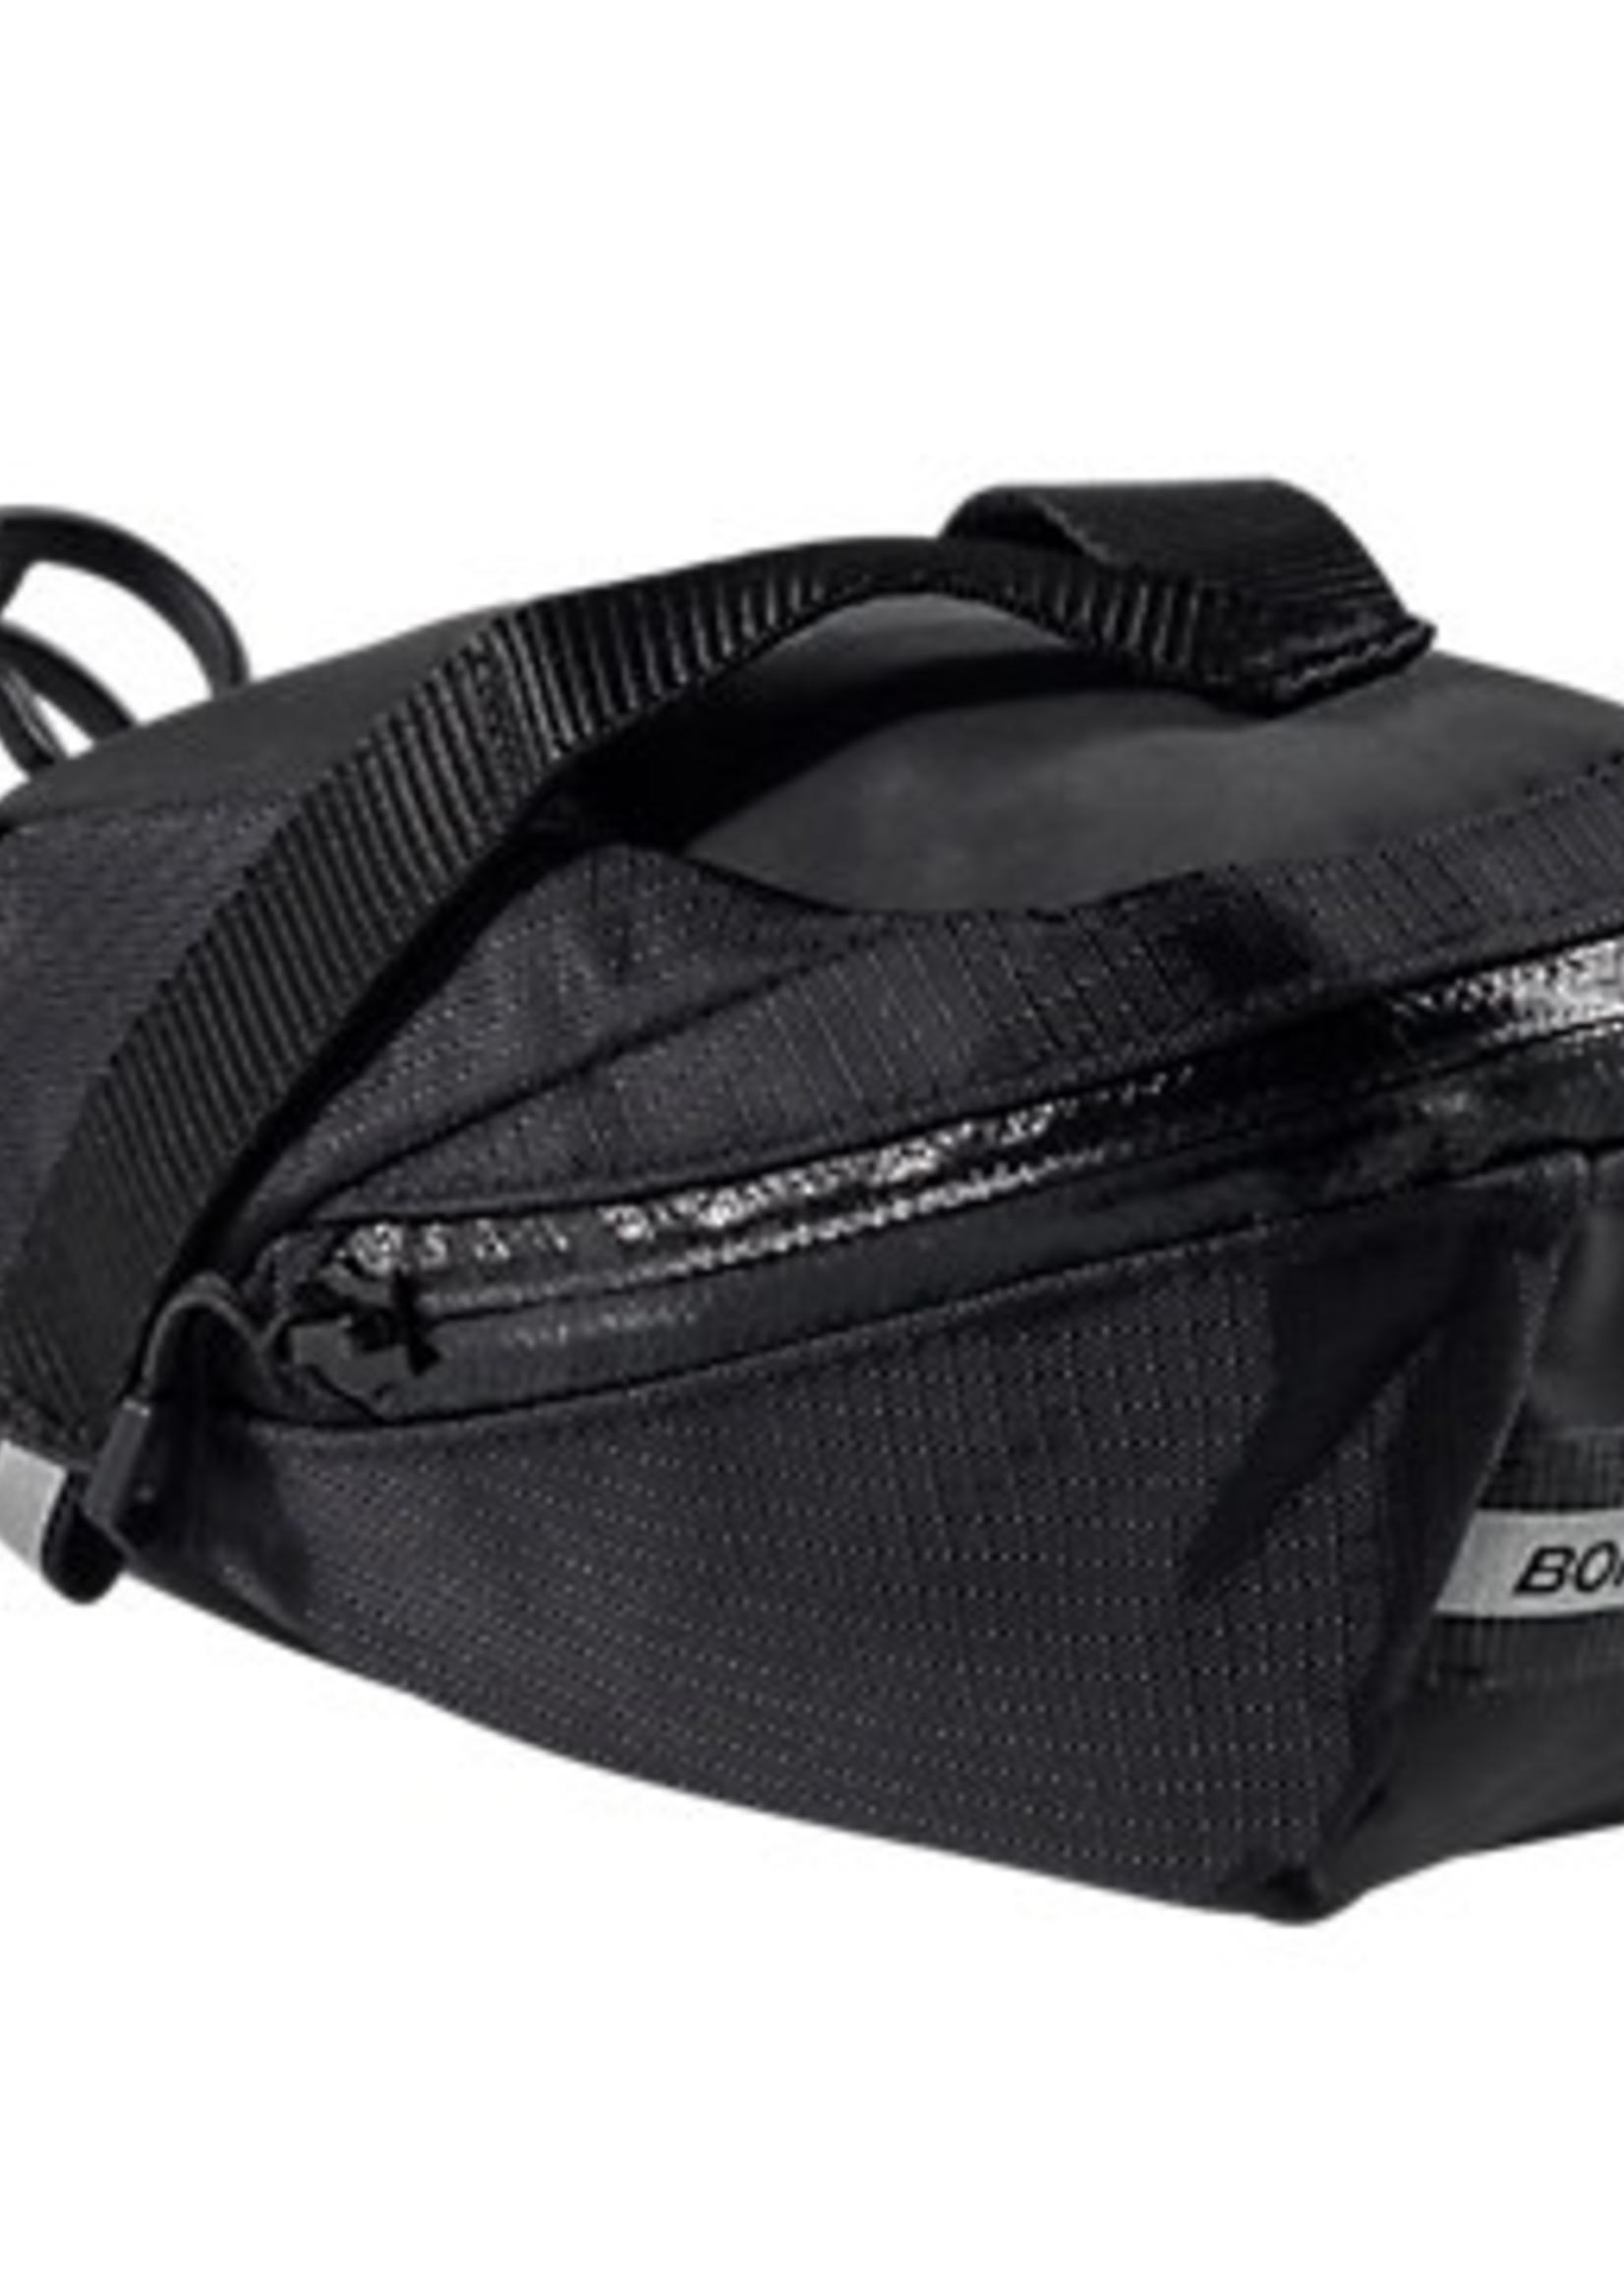 BONTRAGER - ELITE SEAT PACK - M